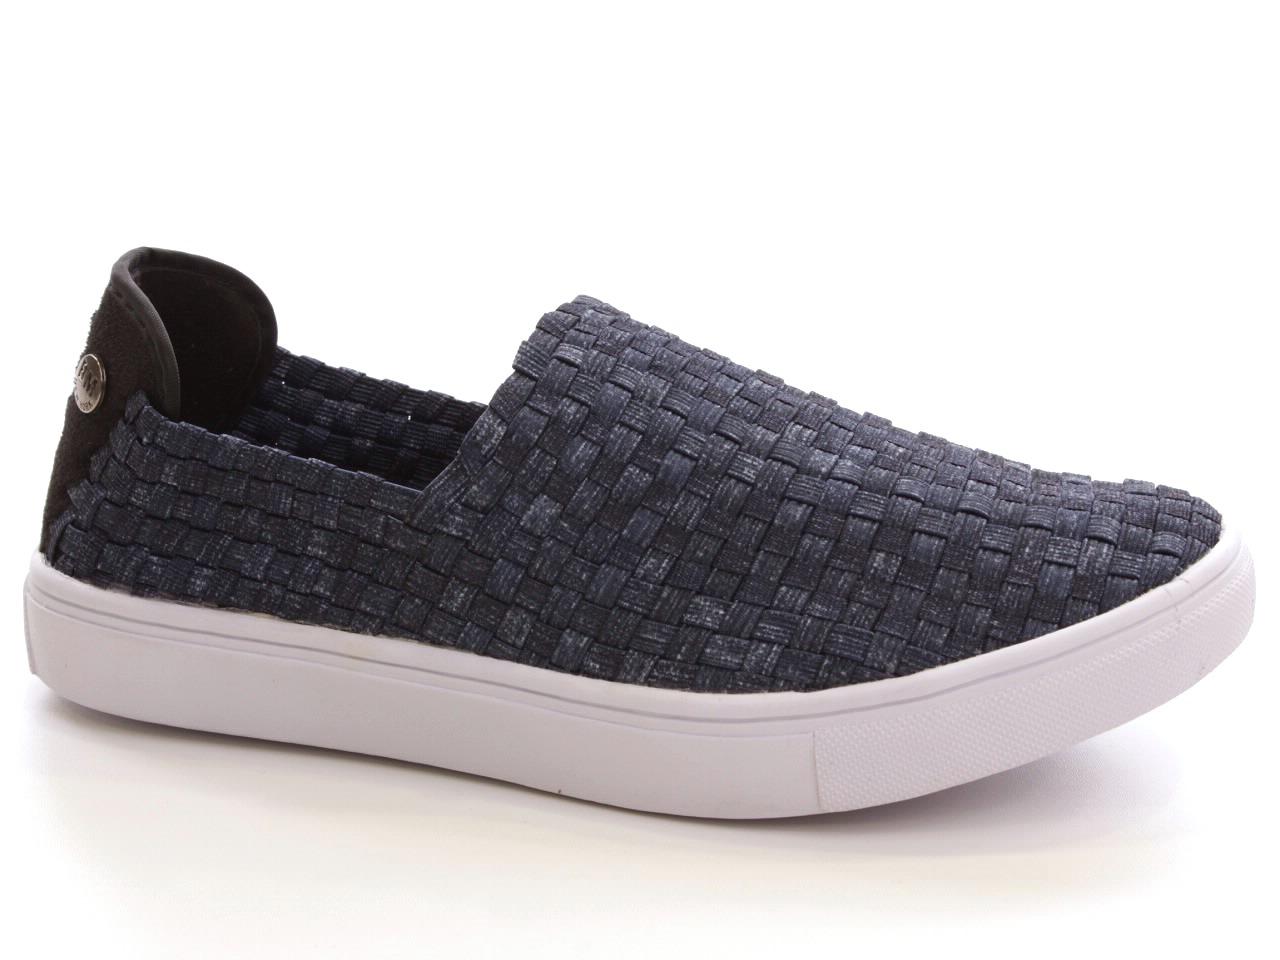 Sneakers, Espadrilles Bernie Mev - 632 VEE CHARM